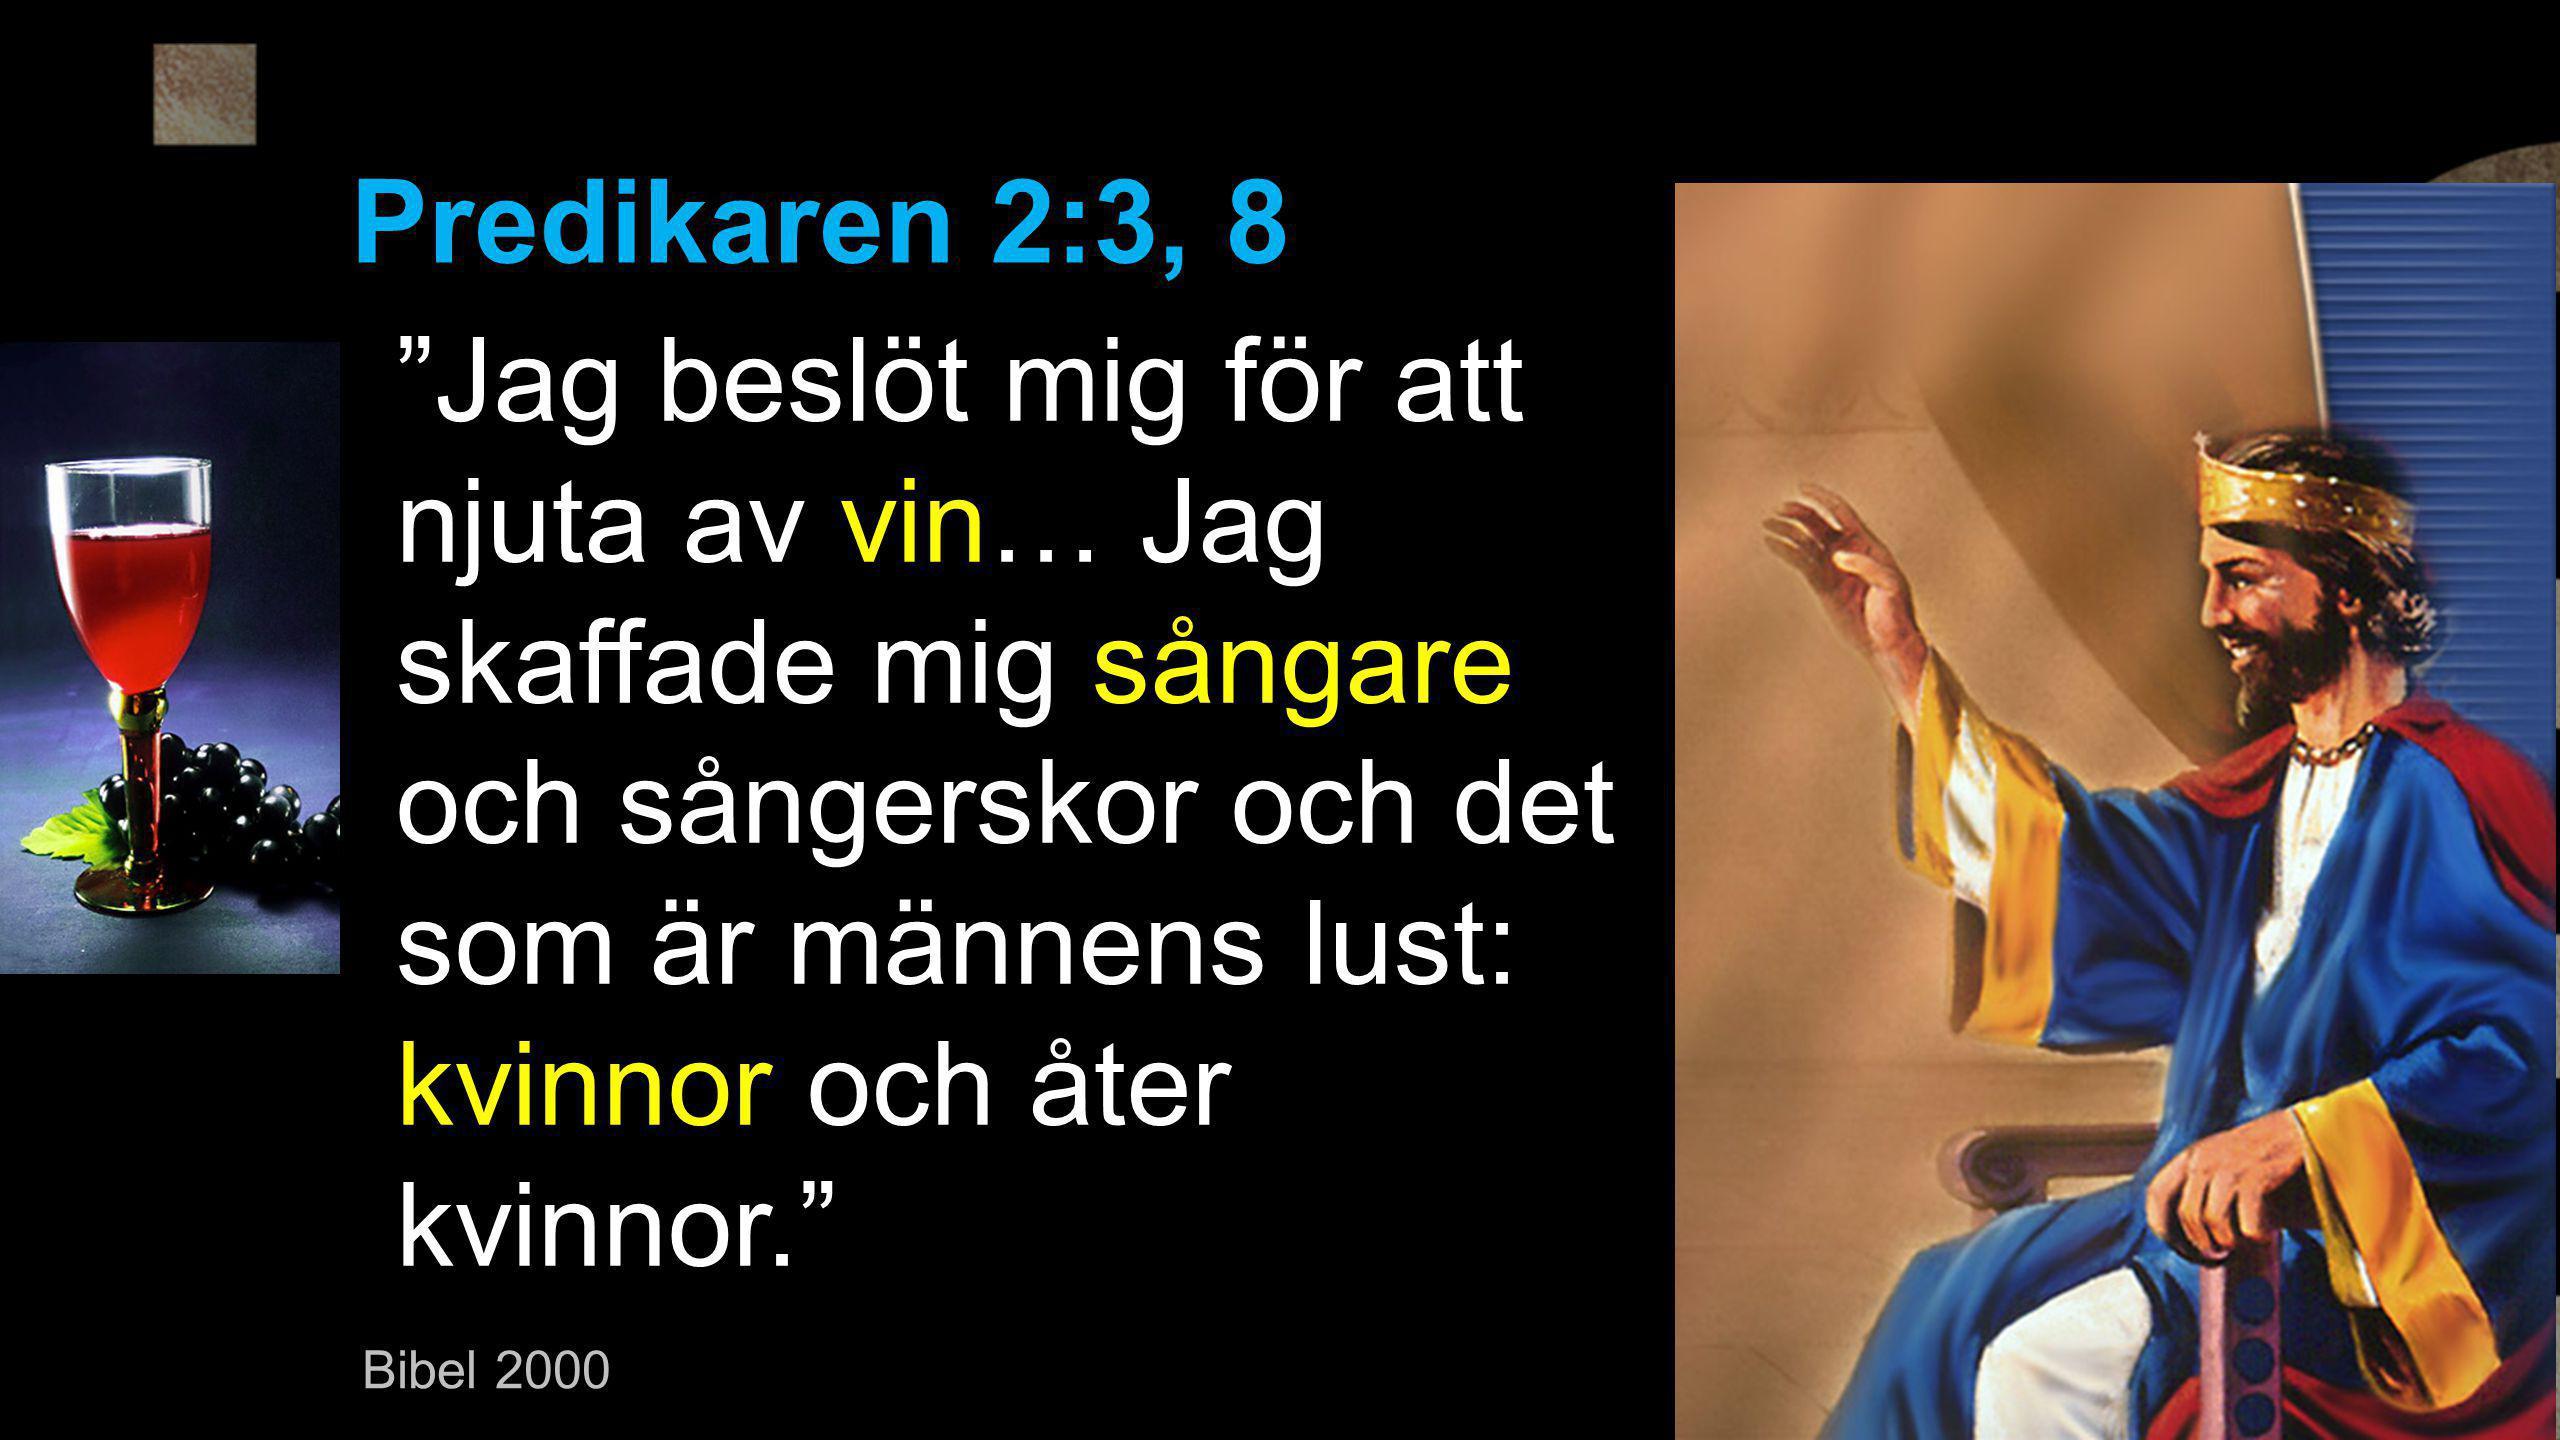 Predikaren 2:3, 8